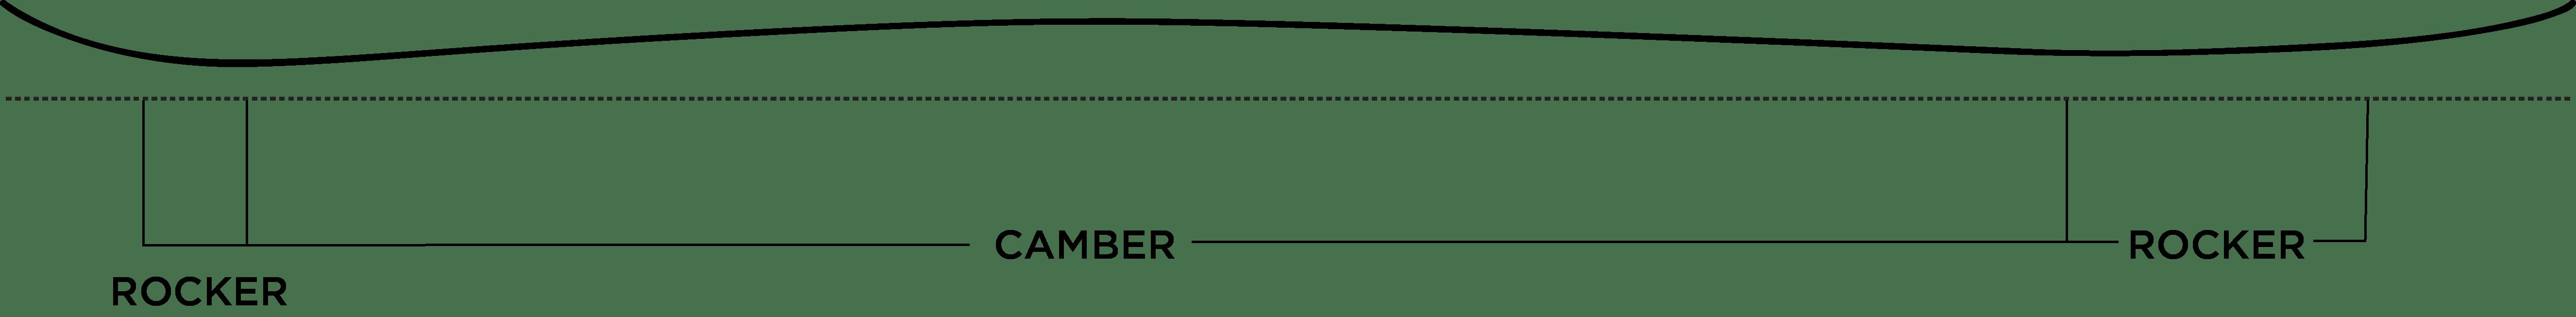 camber splitboard